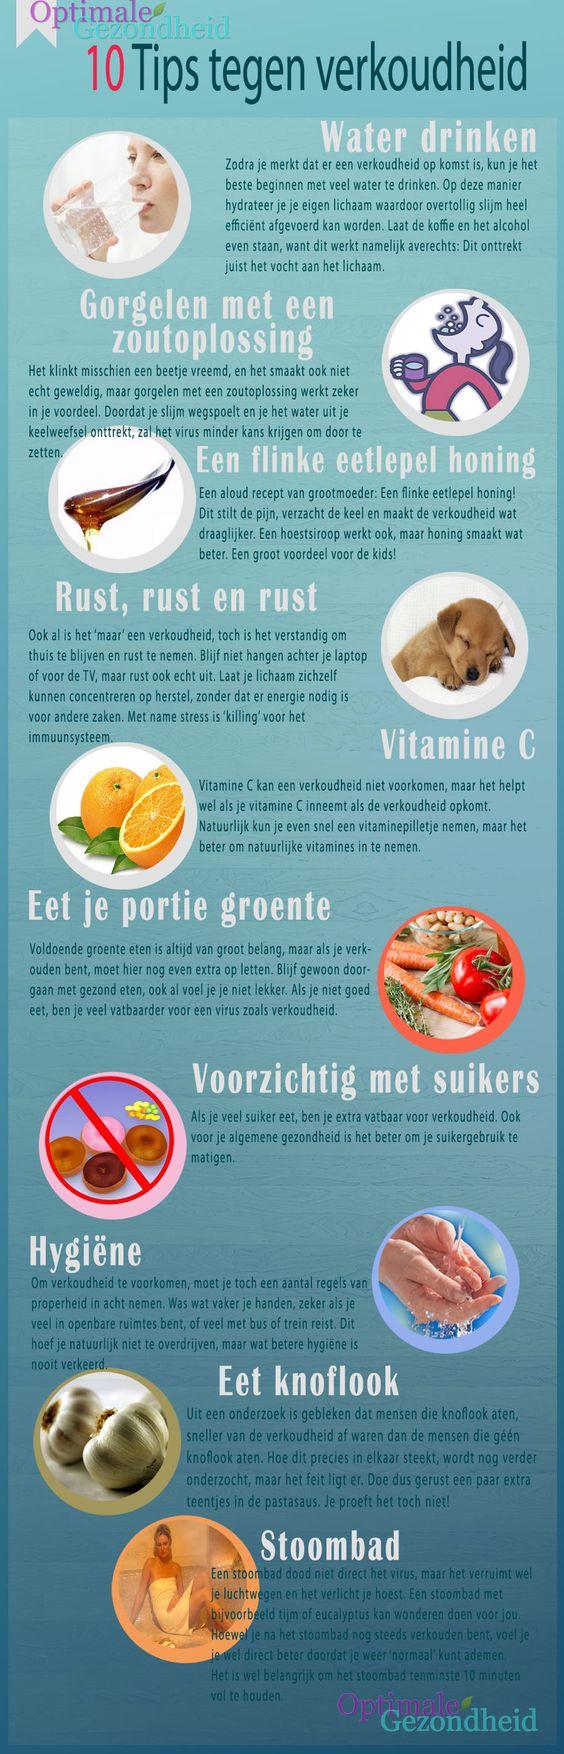 Ontdek hoe je met 12 handige tips verkoudheid kunt tegen te gaan. Het is belangrijk om je lichaam op de juiste manier te ondersteunen!: